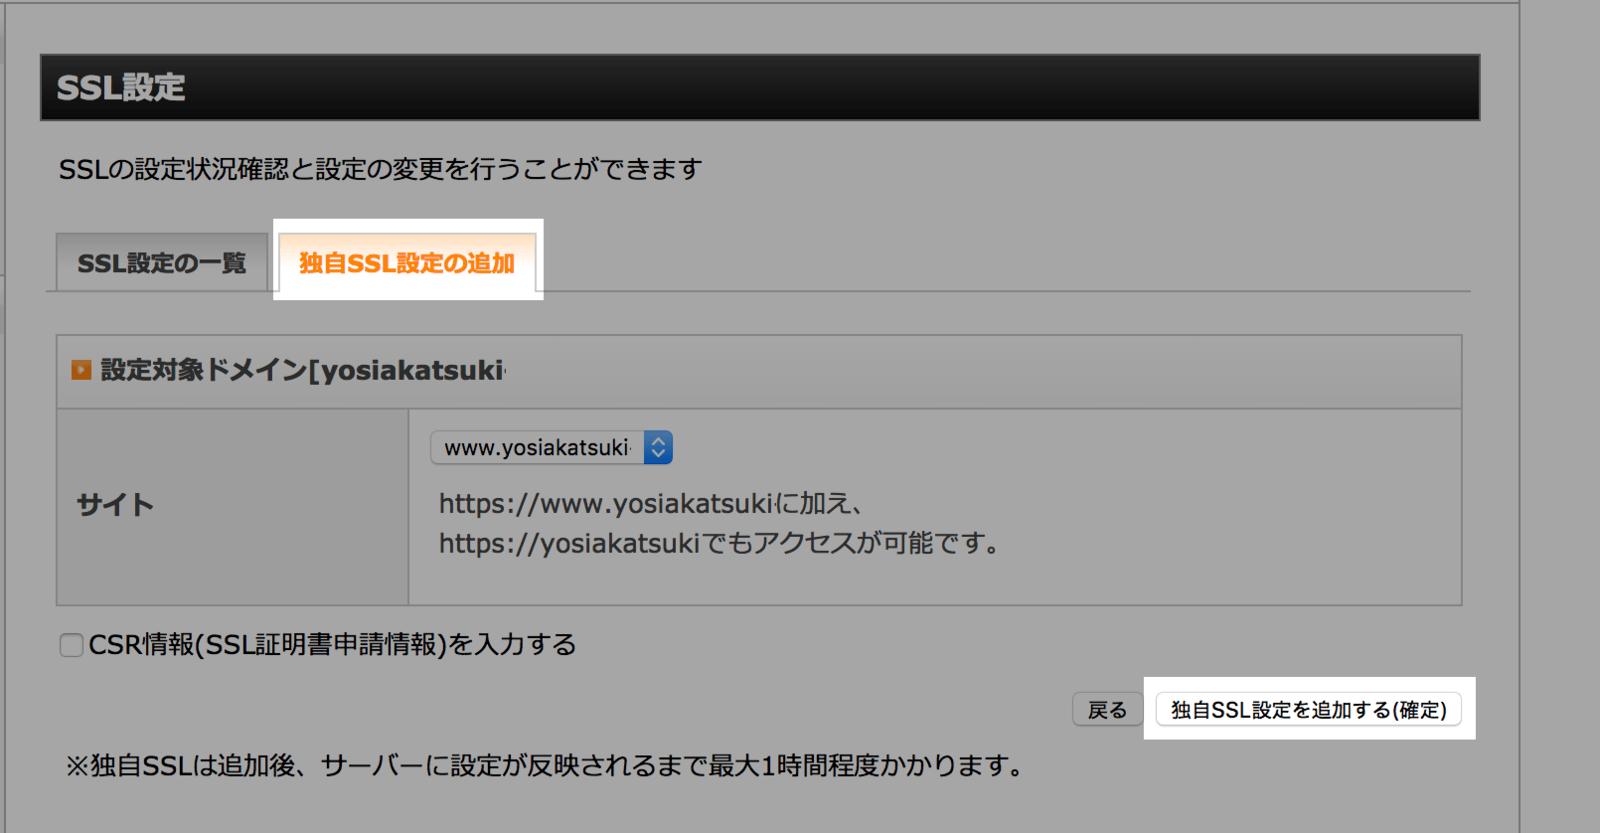 独自SSL証明書の発行をする